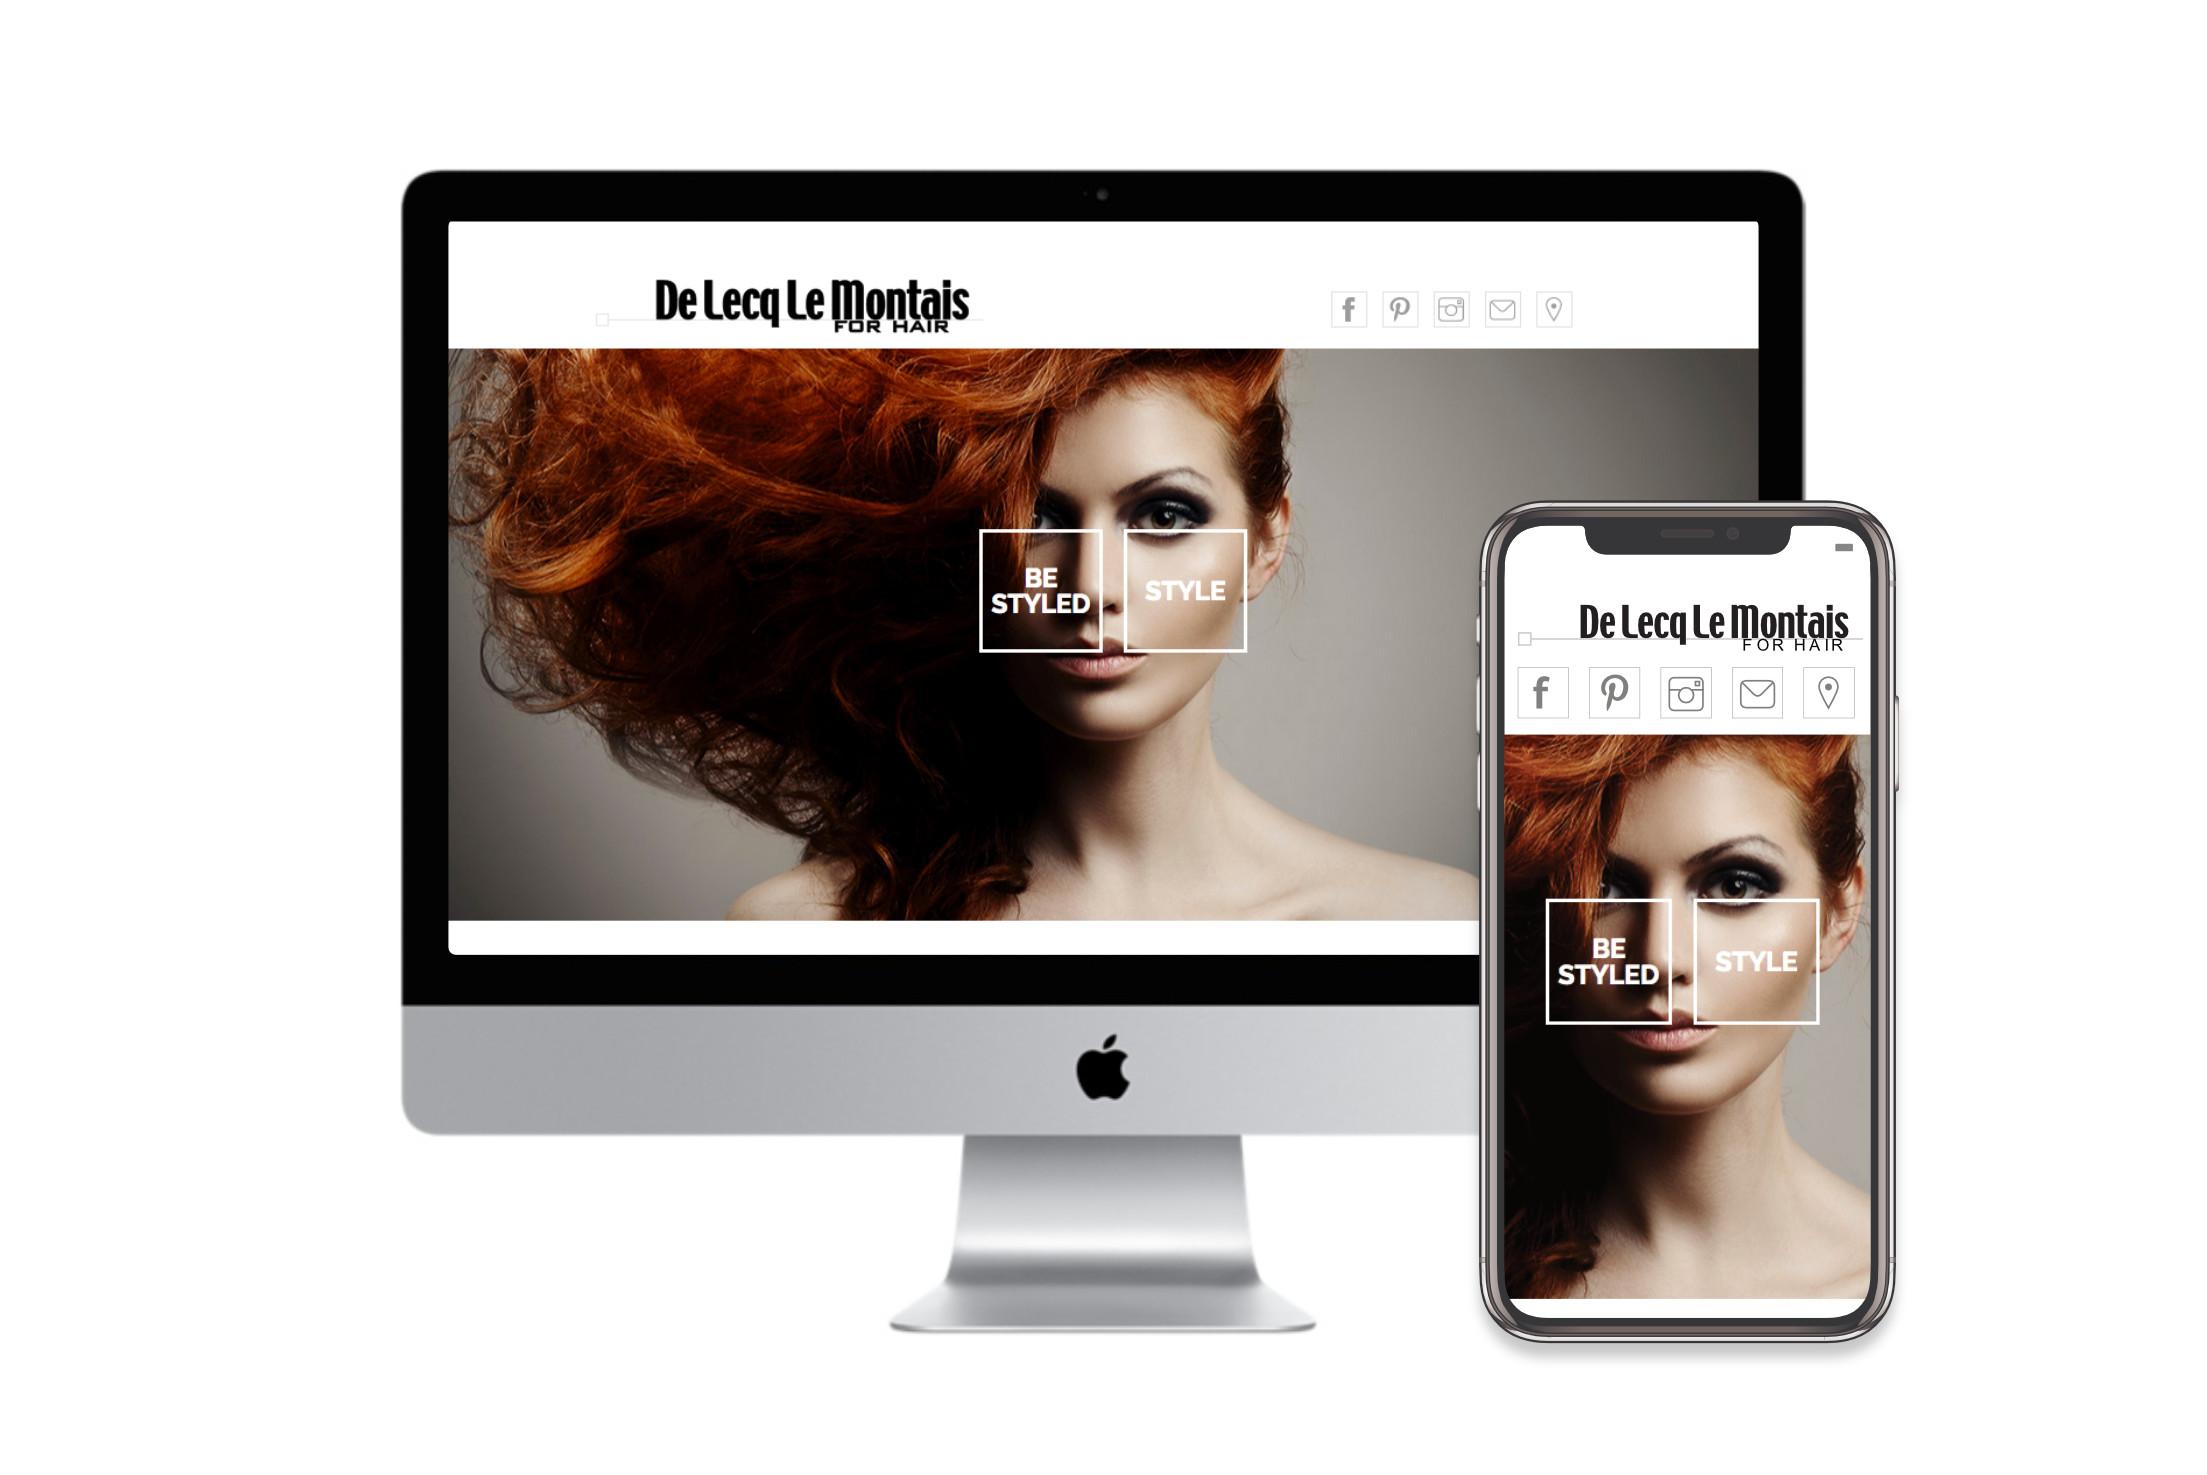 De Lecq le Montais homepage design on desktop and mobile, design by Charlotte Clark